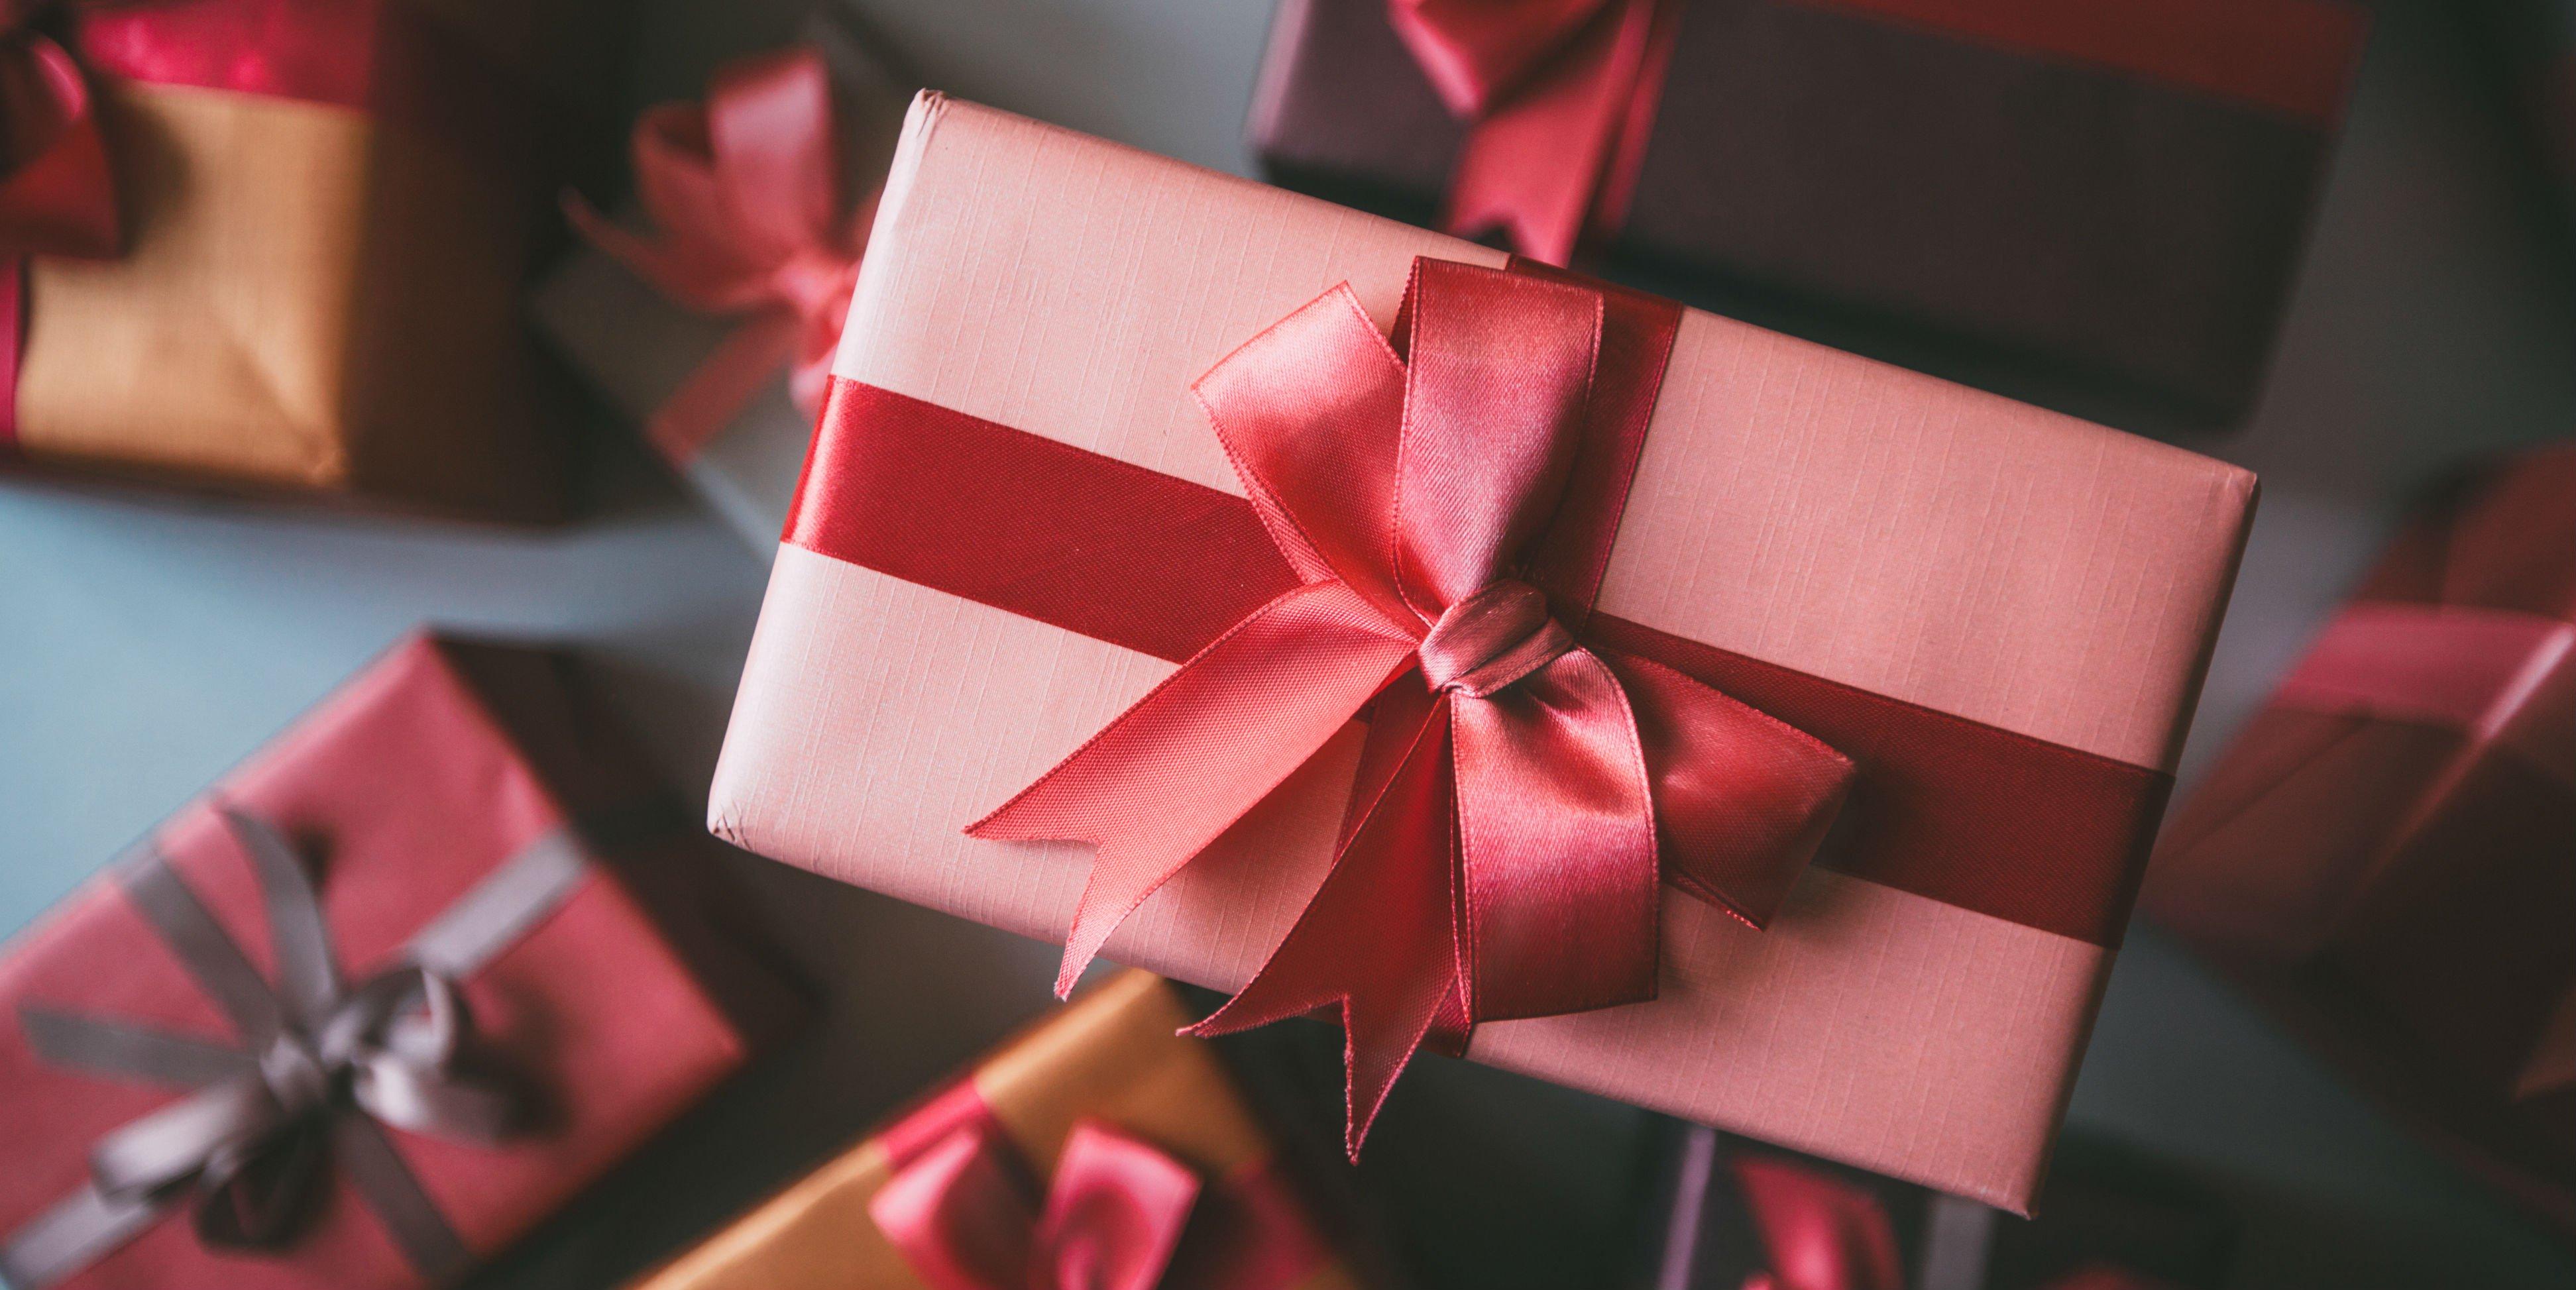 Tặng quà gì cho người nước ngoài luôn là câu hỏi khó cho nhiều người